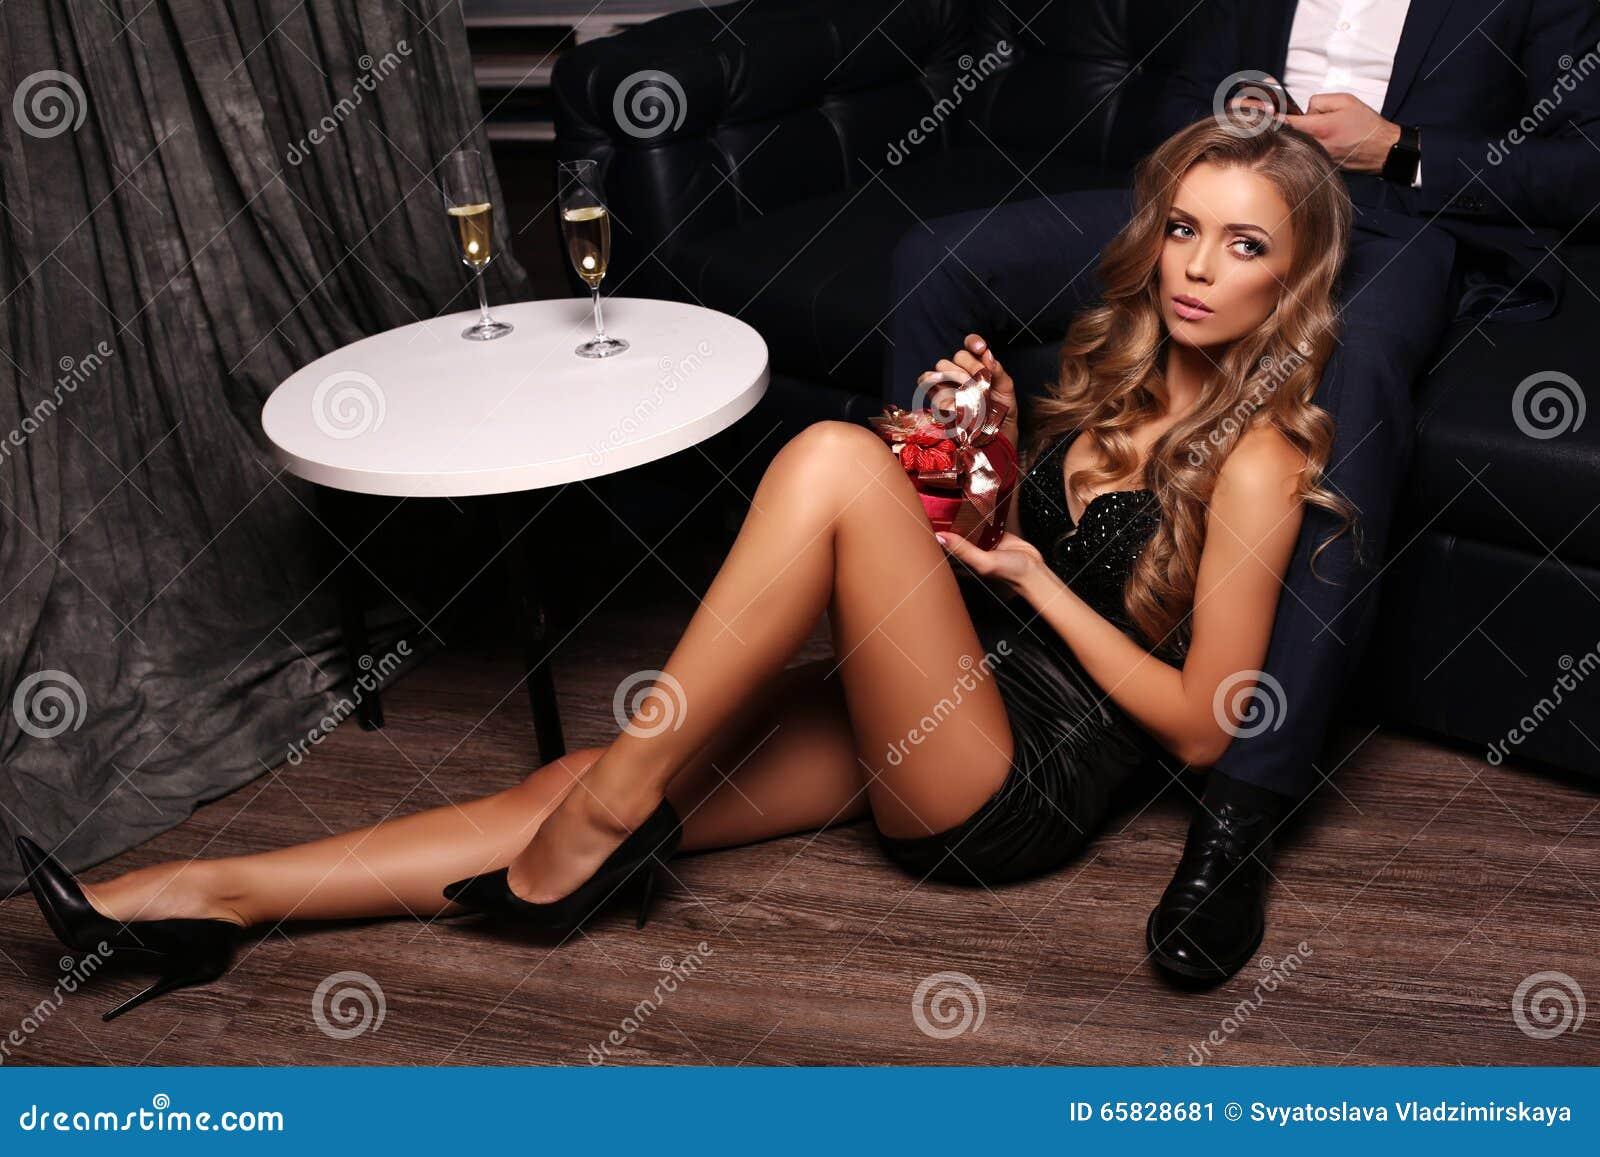 Красивые девушки фото и мальчиков